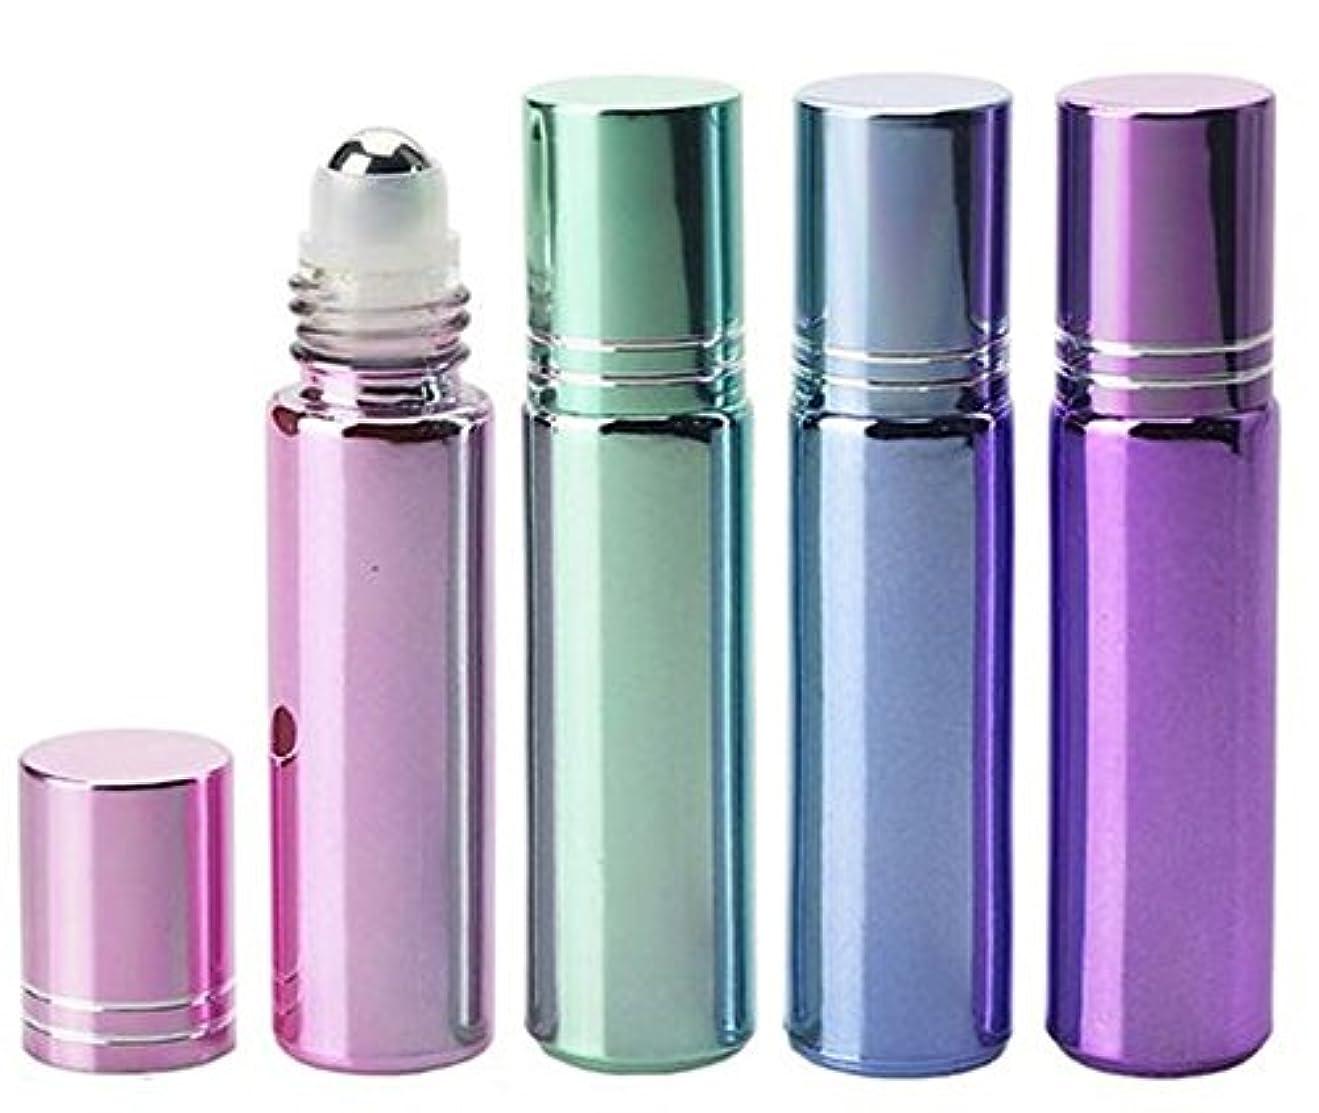 面積パウダーとしてShopXJ 香水 アトマイザー ロールオン 詰め替え容器 パステルカラー 10ml スポイト付き (パープル)